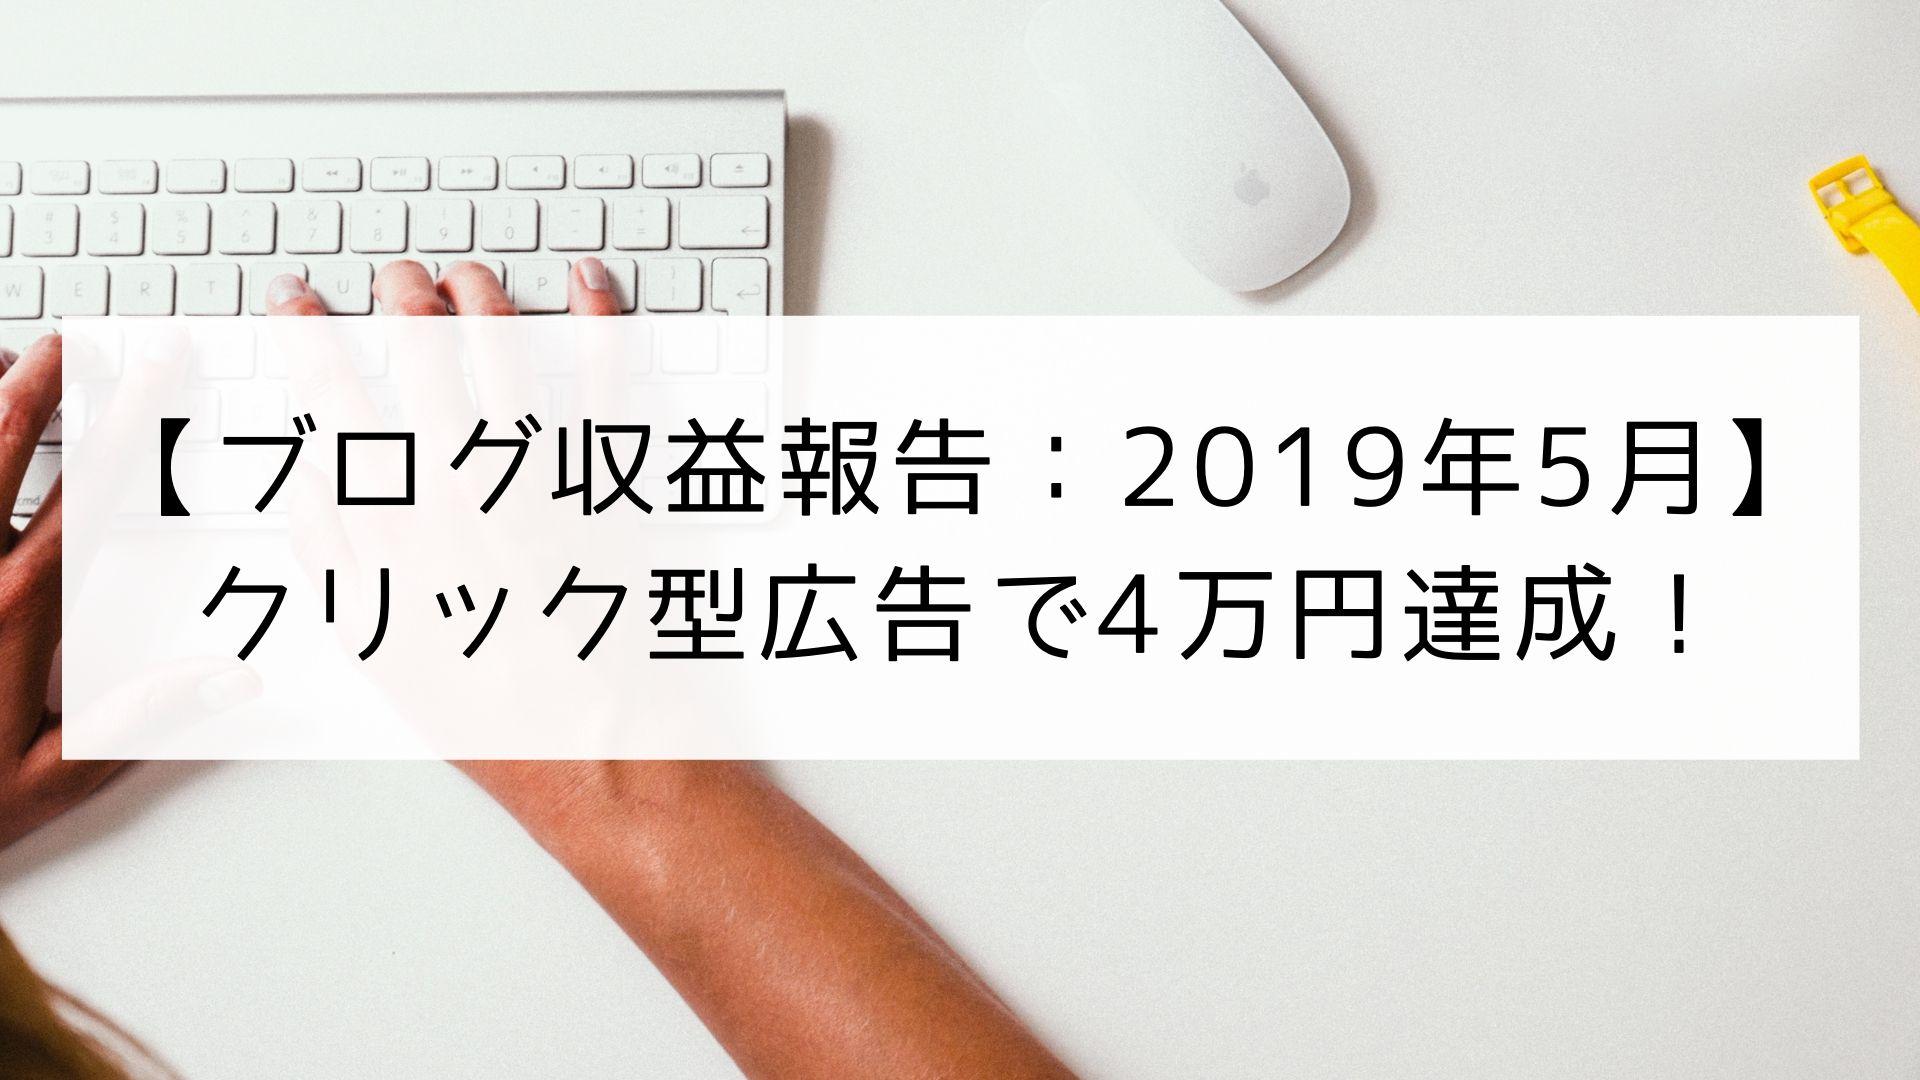 【ブログ(副業)収益報告】2019年5月はクリック型広告で4万円を突破!